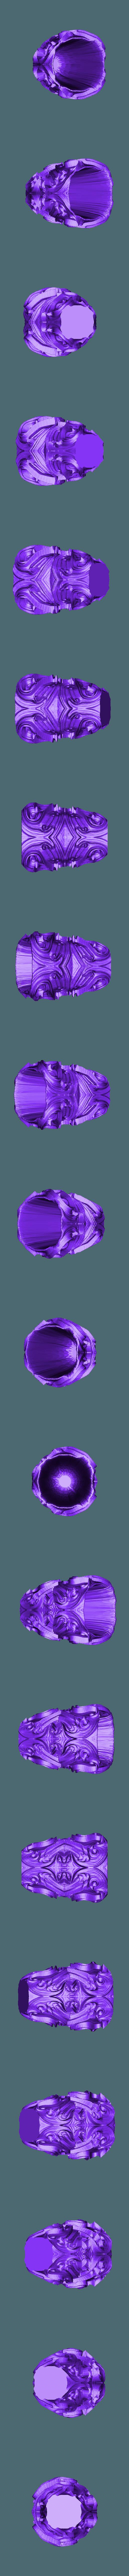 alienvase9.stl Télécharger fichier STL Collection de poteries étrangères • Objet pour imprimante 3D, ferjerez3d